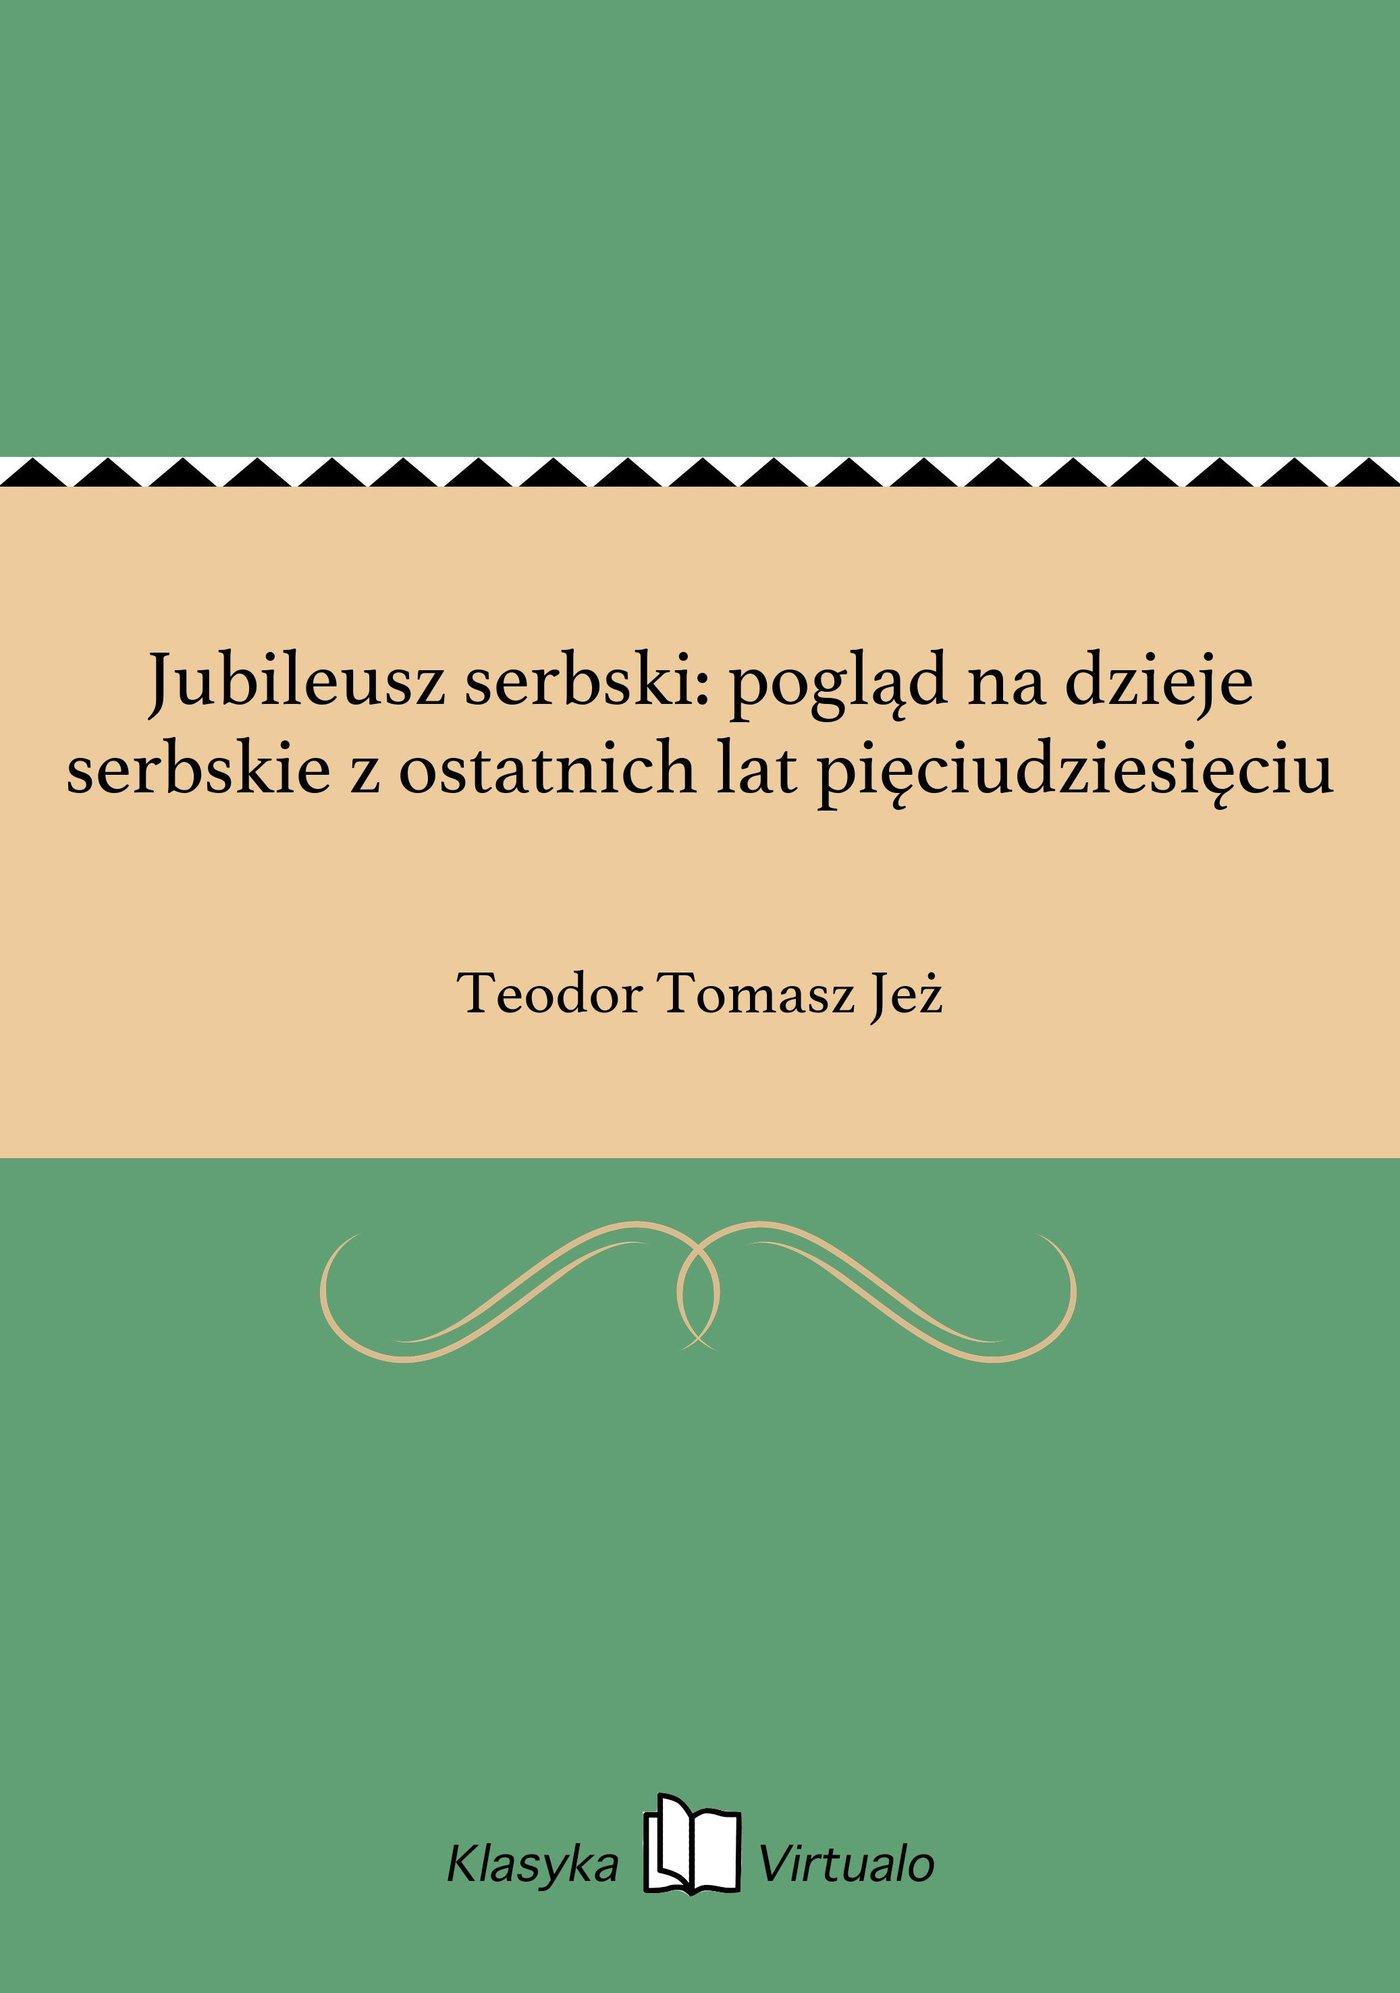 Jubileusz serbski: pogląd na dzieje serbskie z ostatnich lat pięciudziesięciu - Ebook (Książka EPUB) do pobrania w formacie EPUB